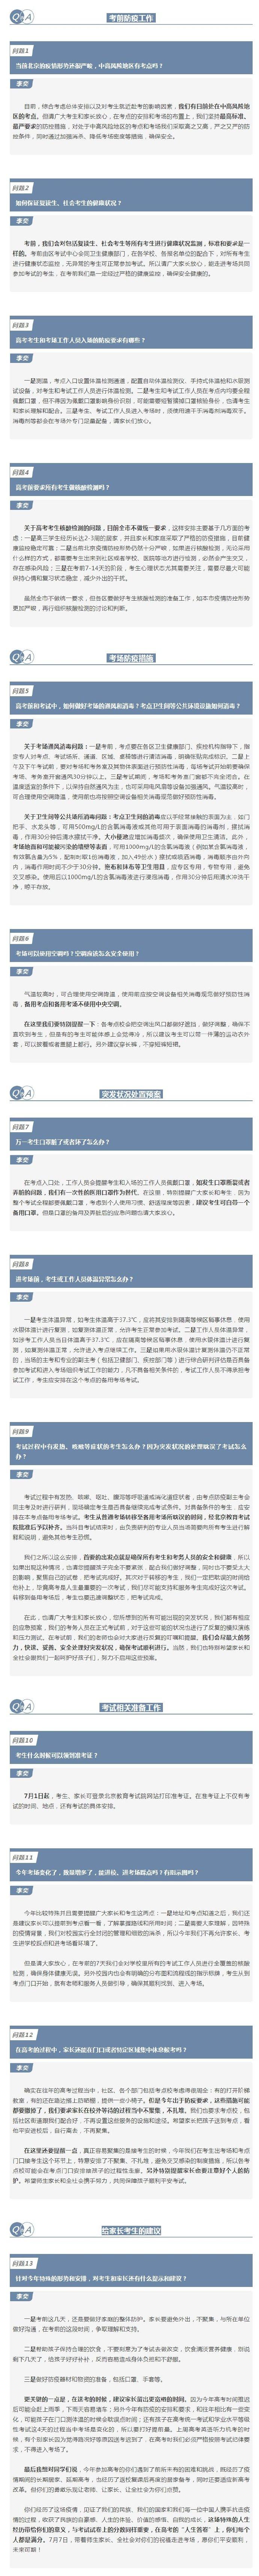 所有高考生需做核酸检测吗?考场内能开空调吗?北京市教委新闻发言人权威解答13问图片